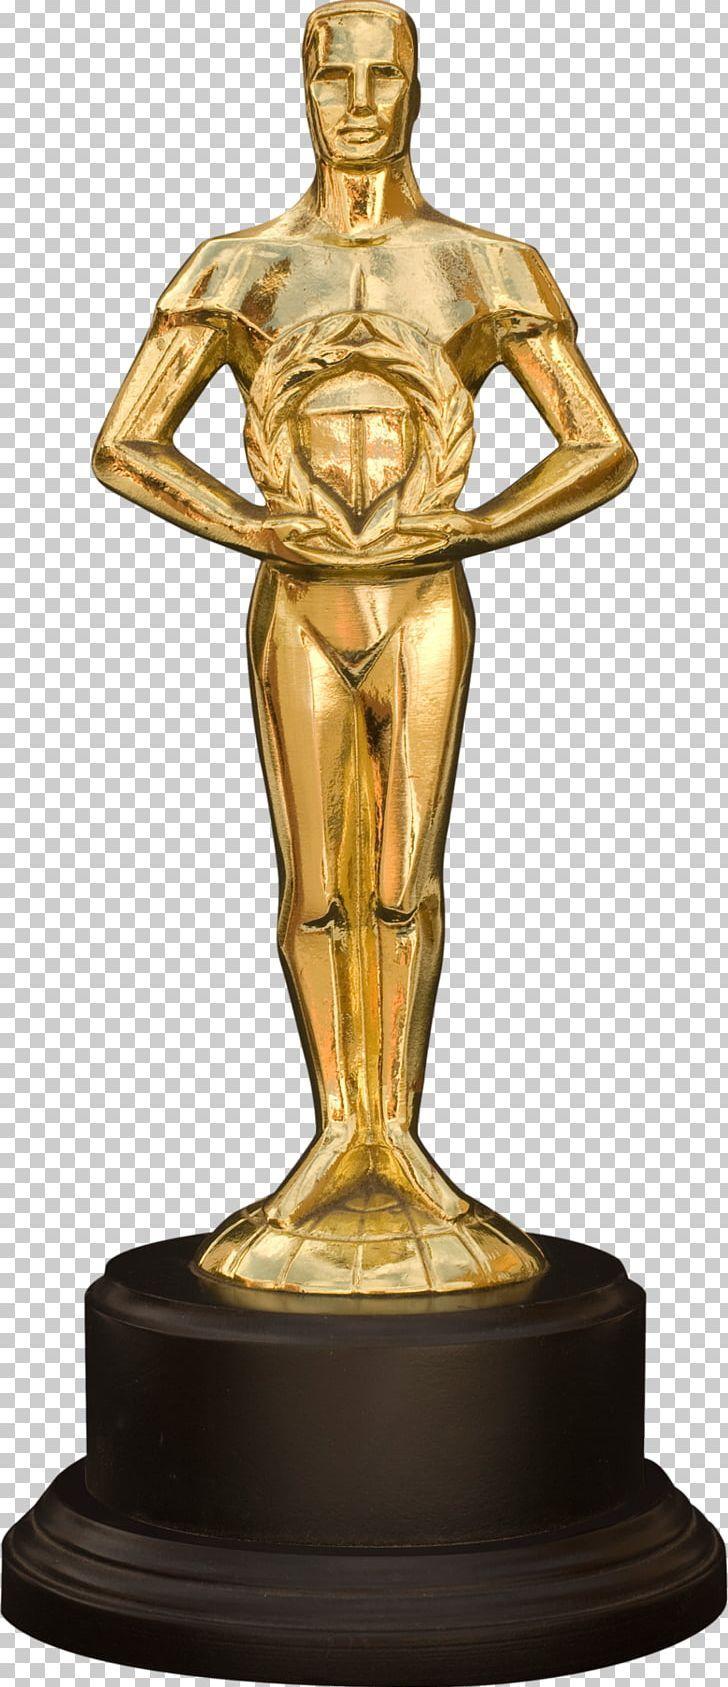 Academy Awards U0420u043eu0441u0442u043eu0432u0430 U0444u0456u0433u0443u0440u0430 Png Academy Juvenile Award Award Award Back Academy Awards Academy Awards